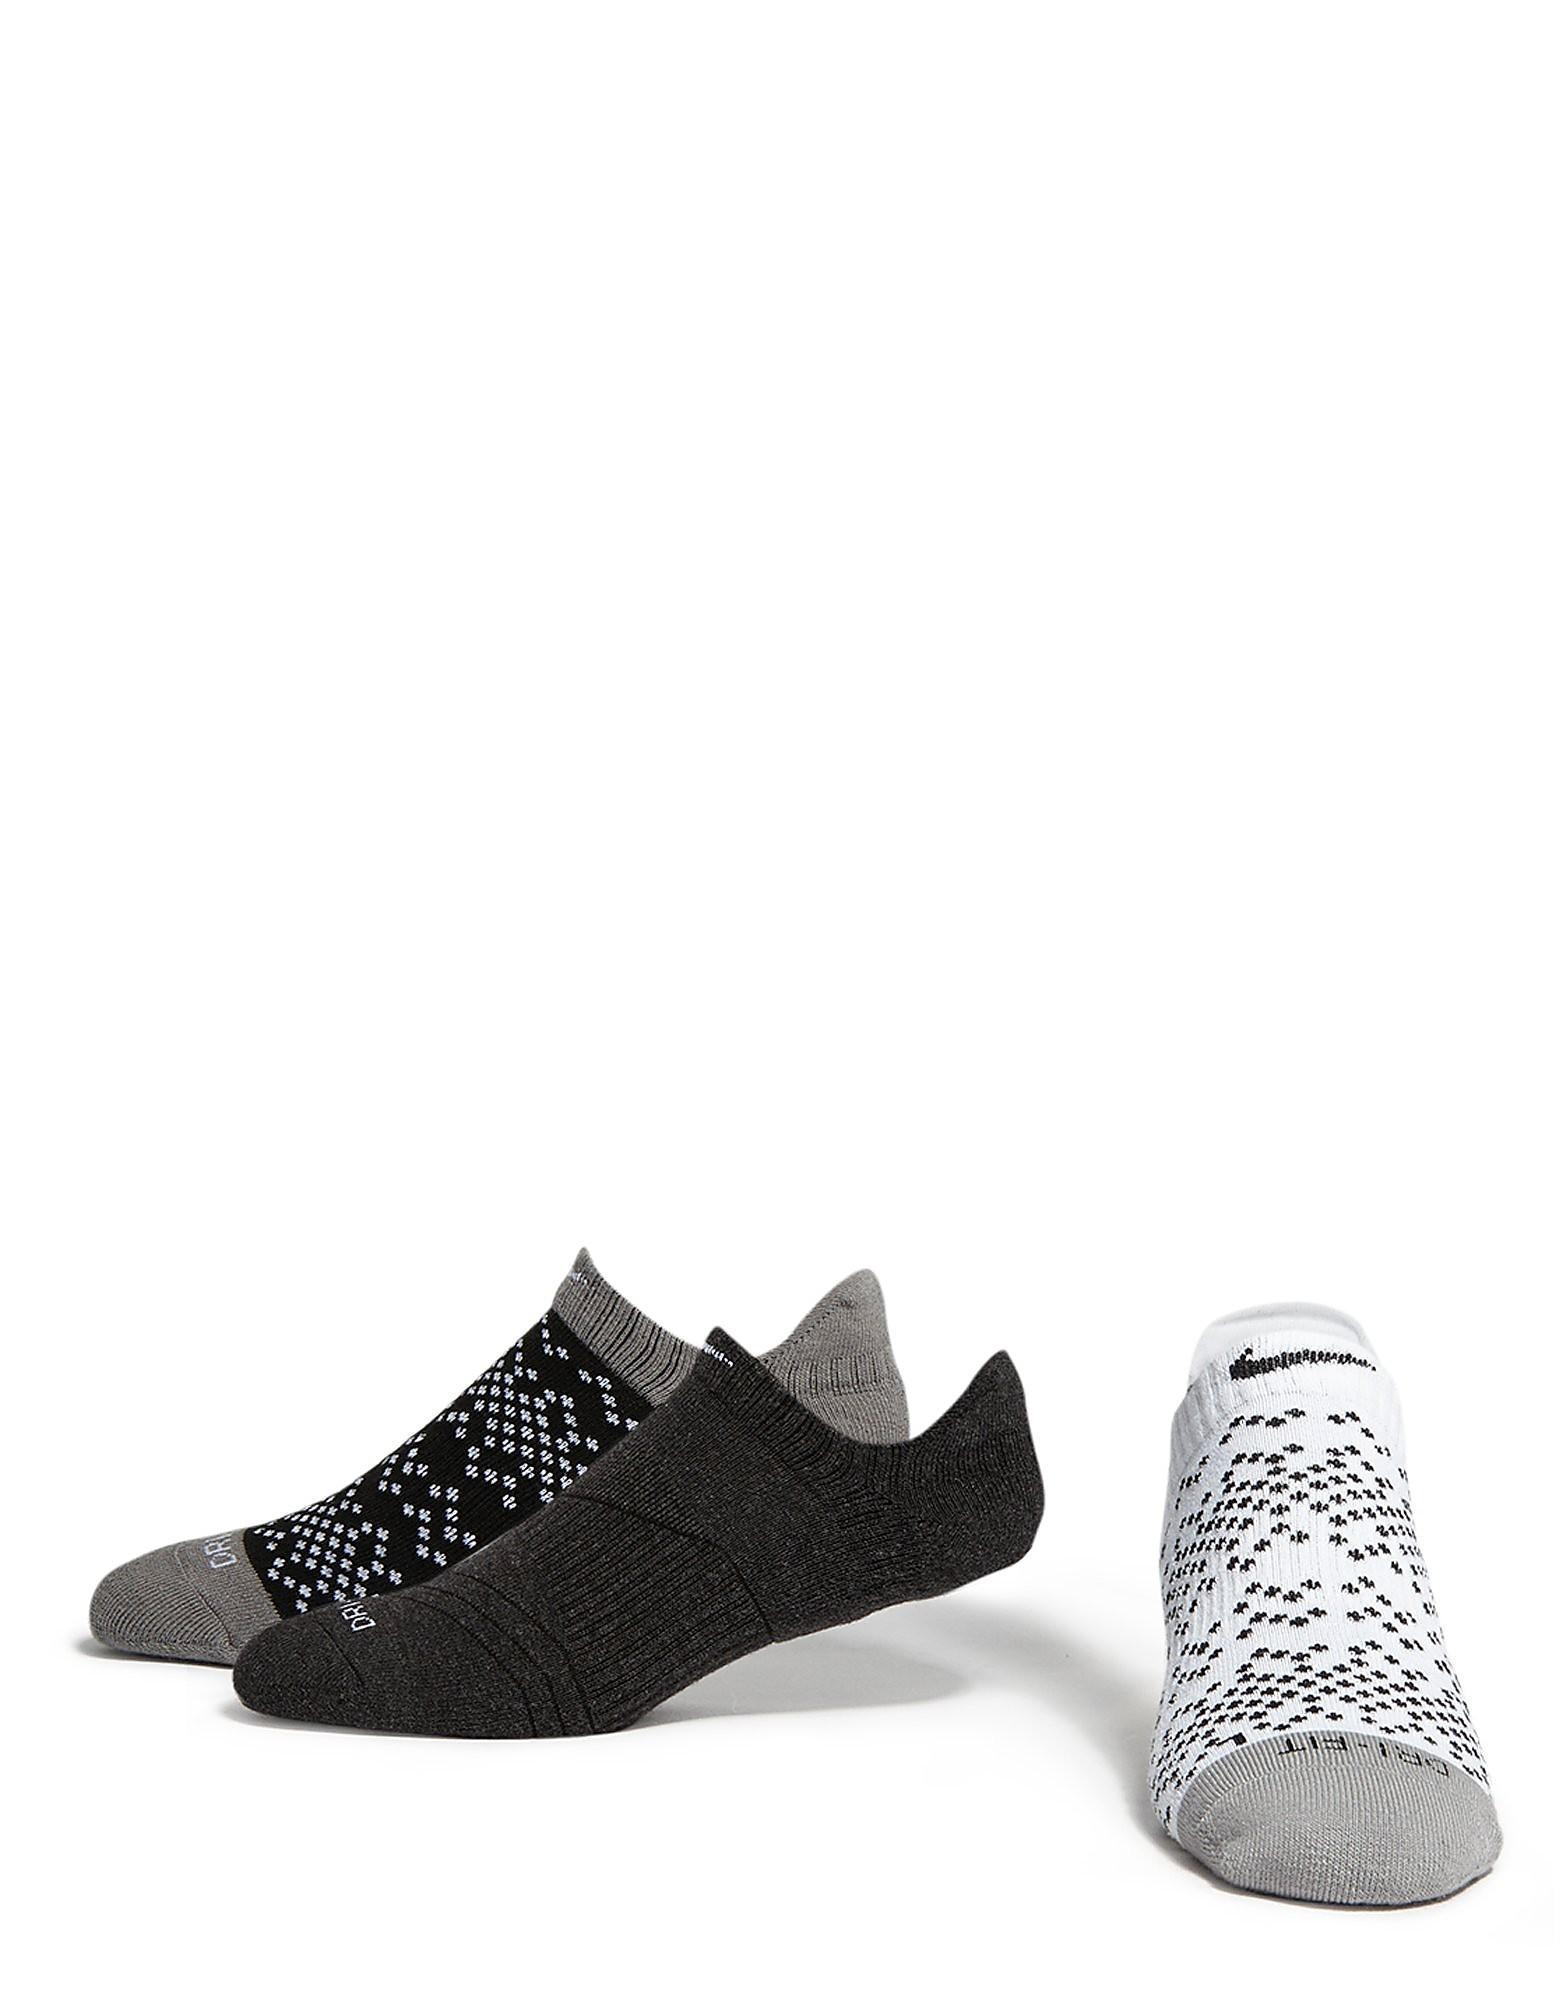 Nike 3 Pack Dri-FIT Lightweight No-Show Tab Socks